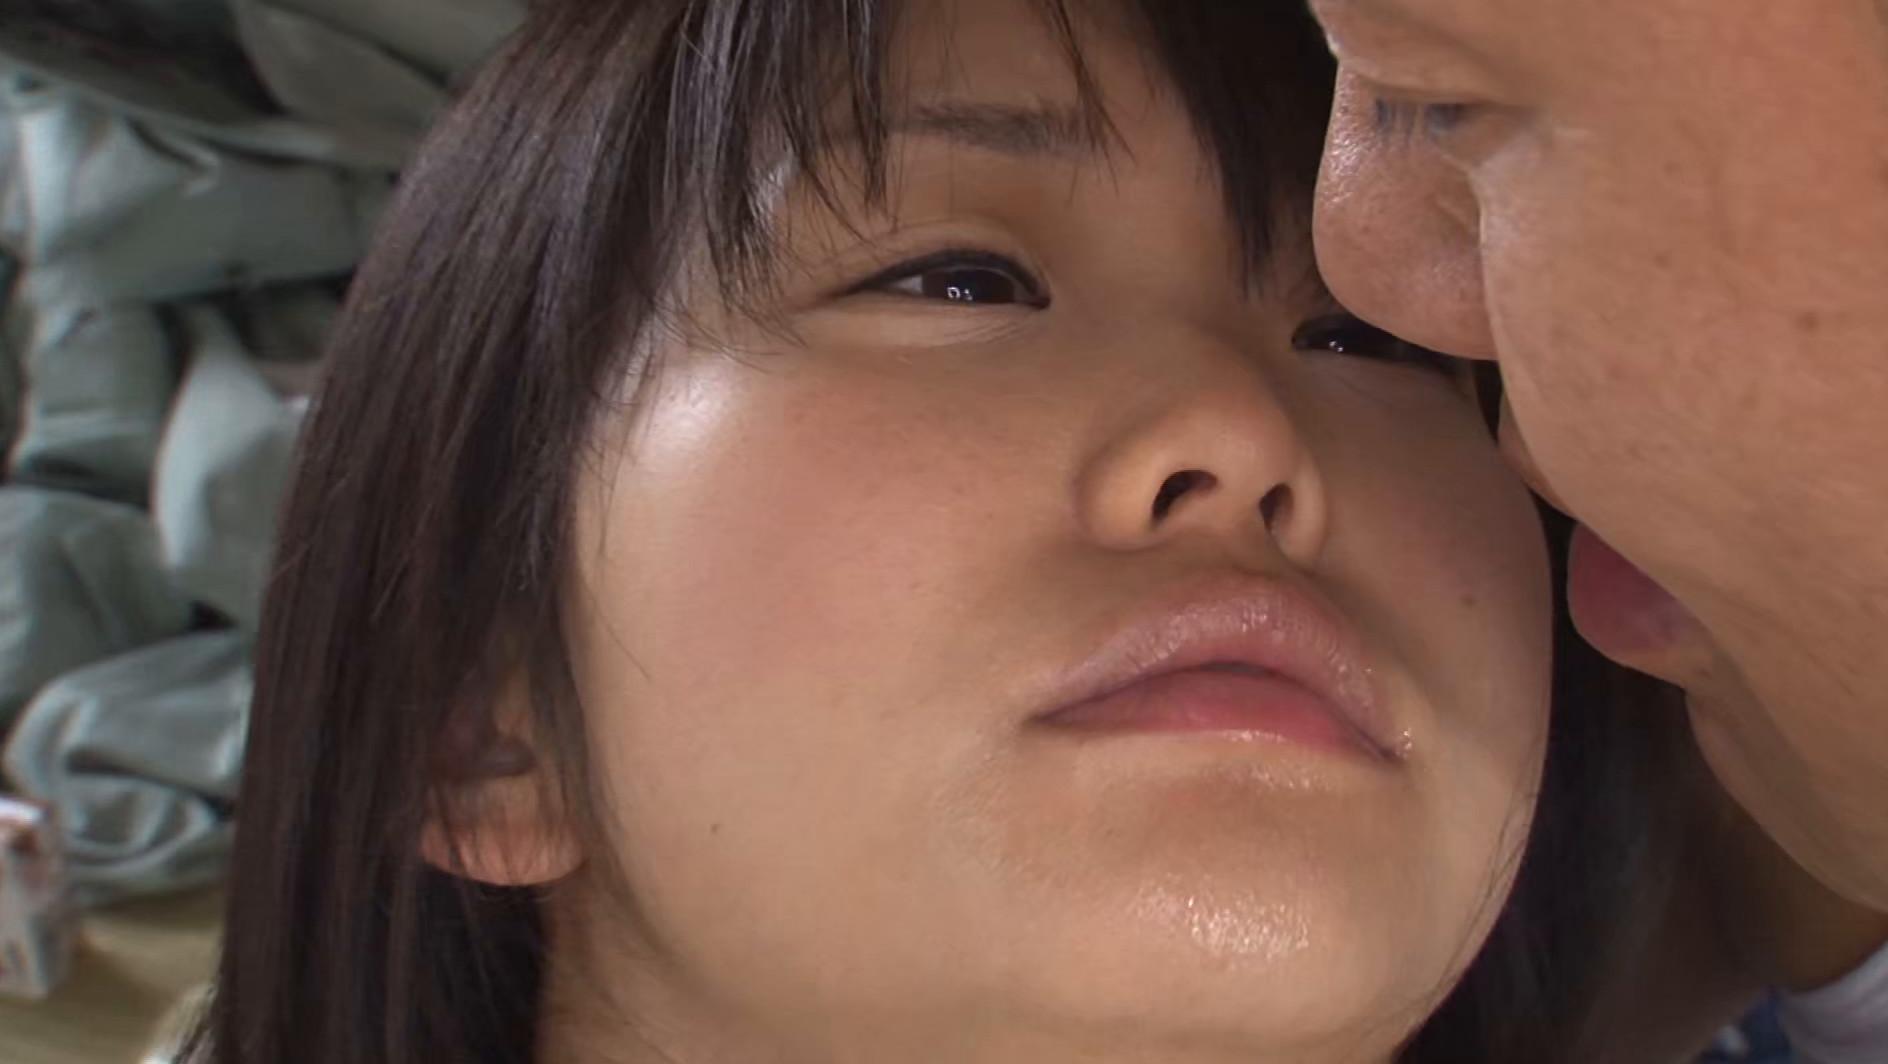 接吻記念日 立花くるみ 画像10